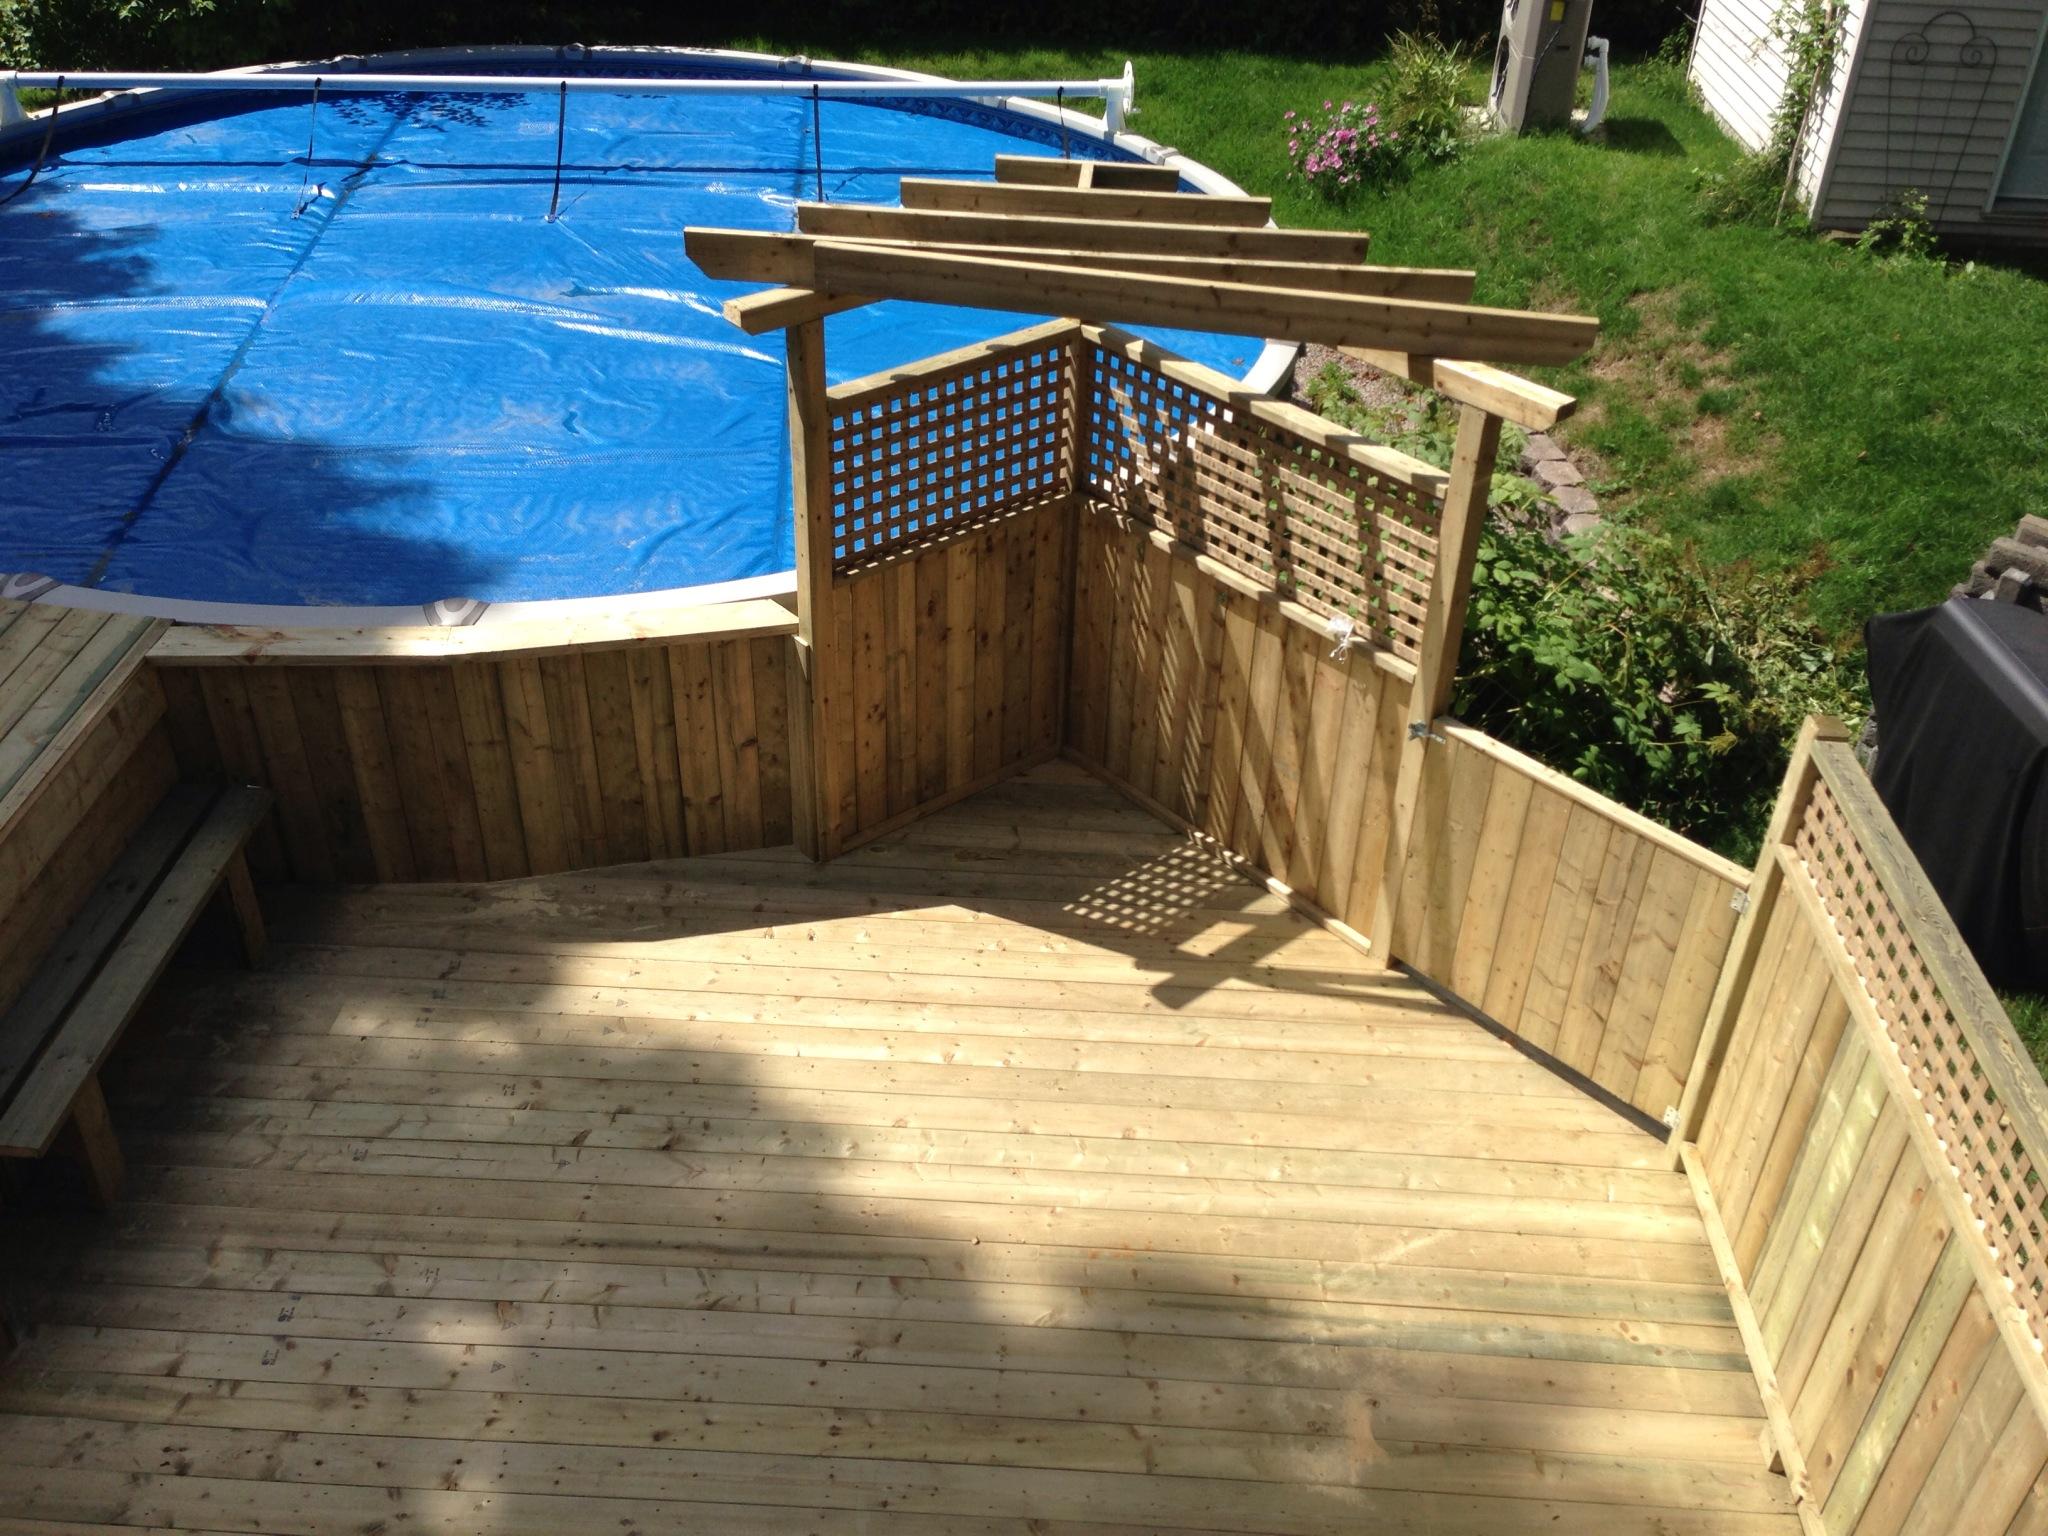 Patios decks piscine patio bois trait for Balayeuse de piscine hors terre